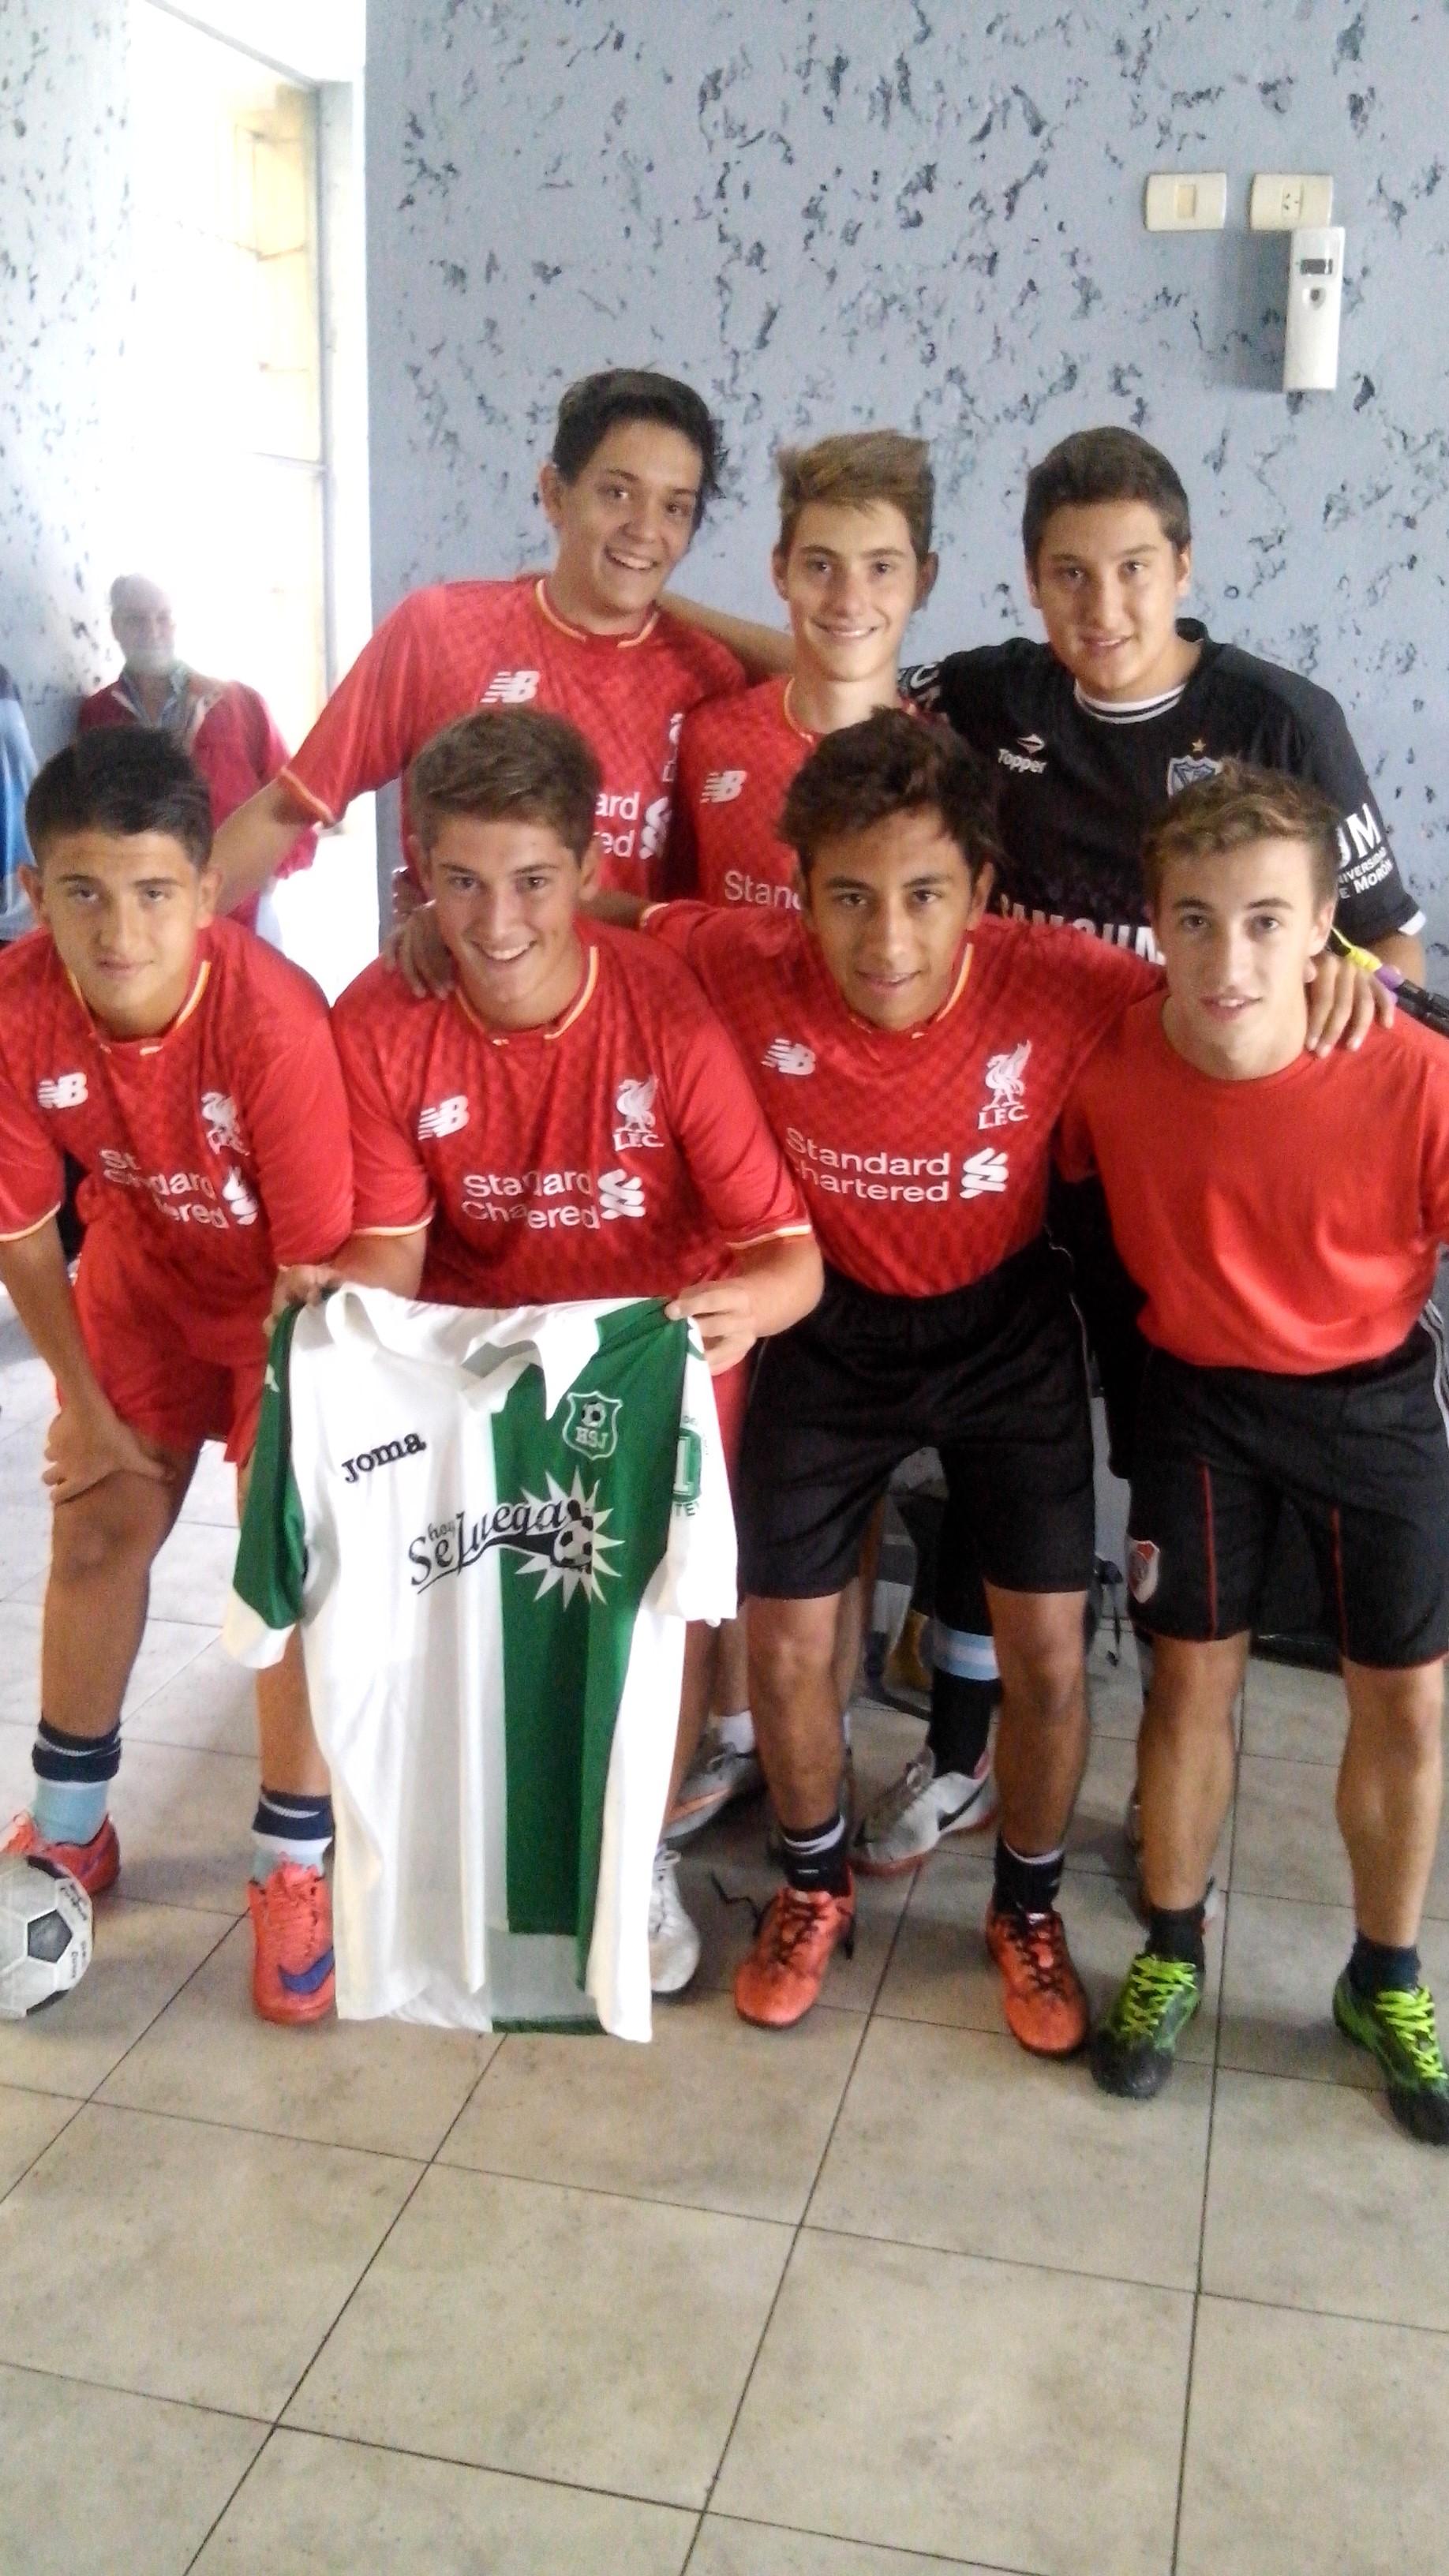 Los chicos del colegio Obras juegan el intercolegial en los torneos de TdeA y Juan se juntó a charlar con HoySeJuega. Nos contó que el colegio depende del club y que no solo juegan básquet.